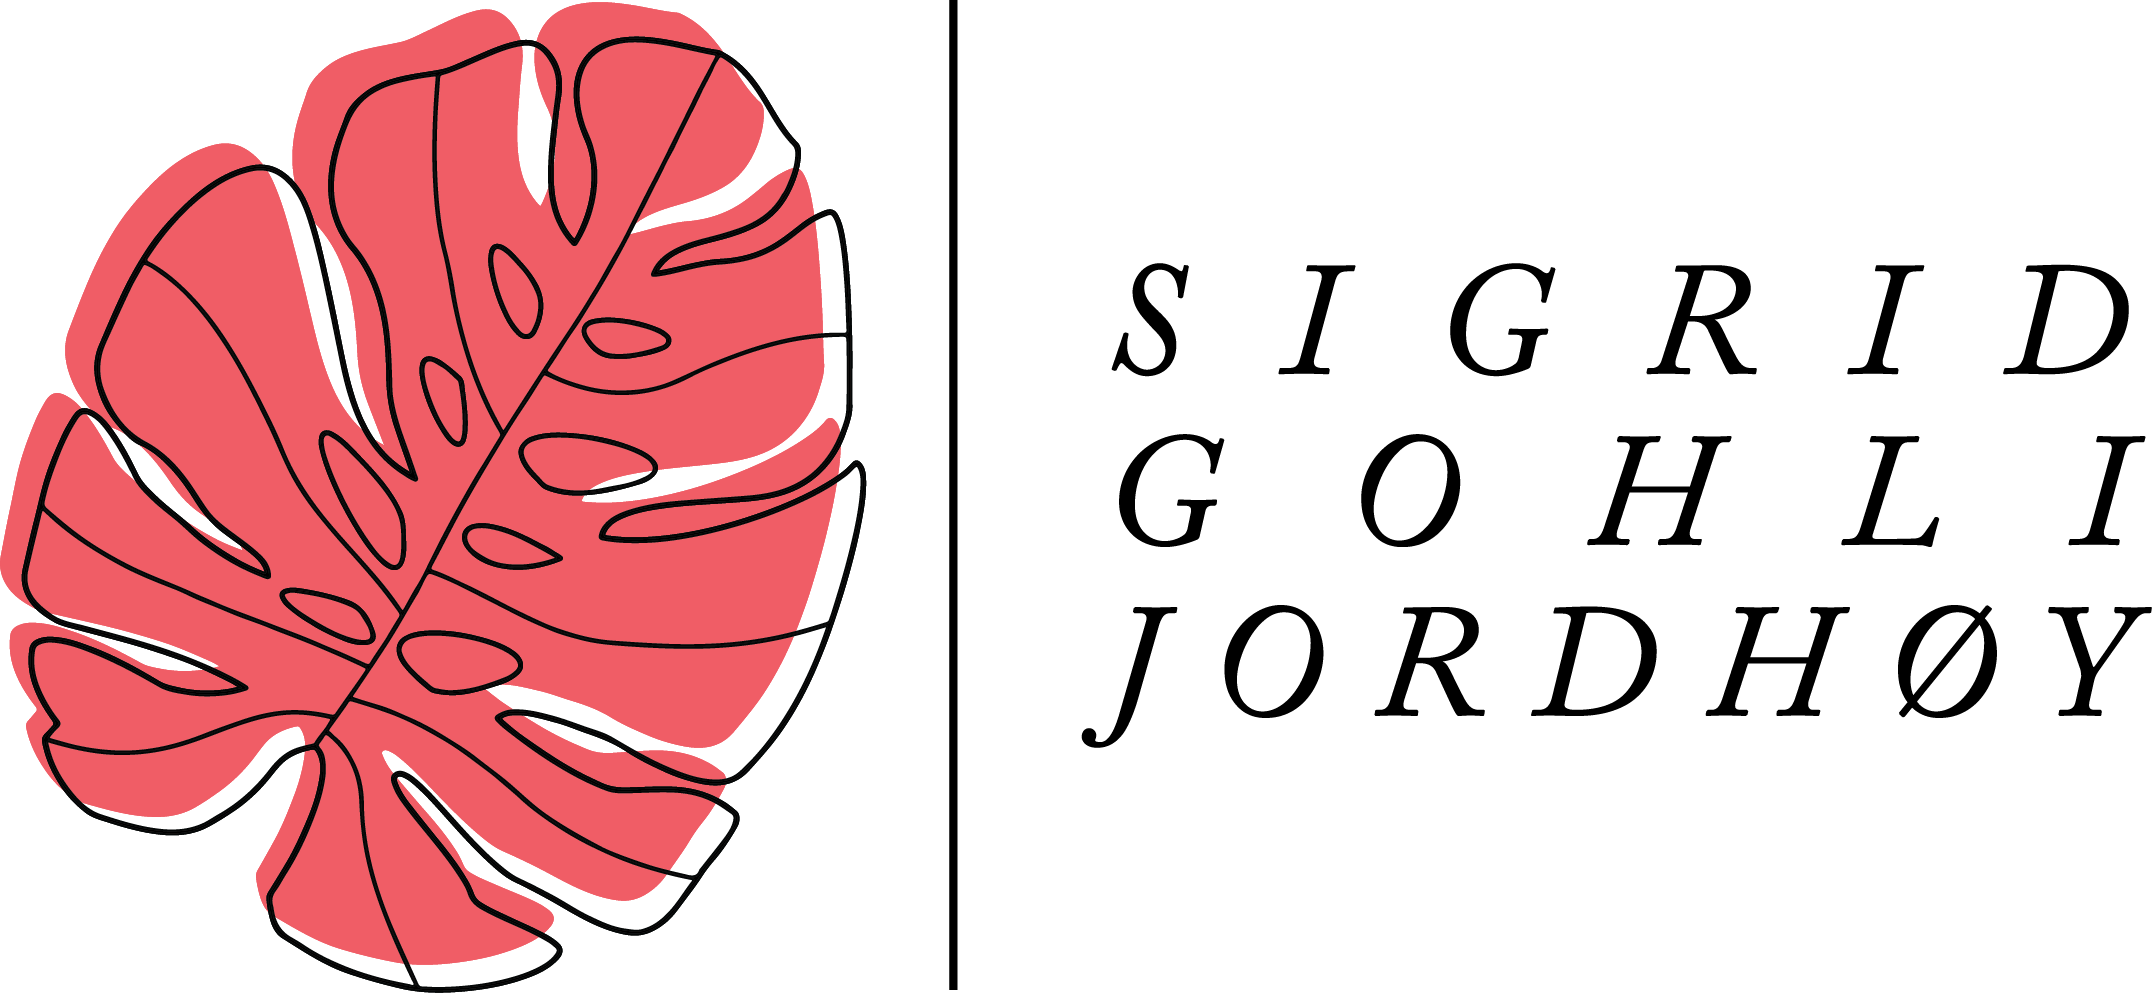 Sigrid Gohli Jordhøy